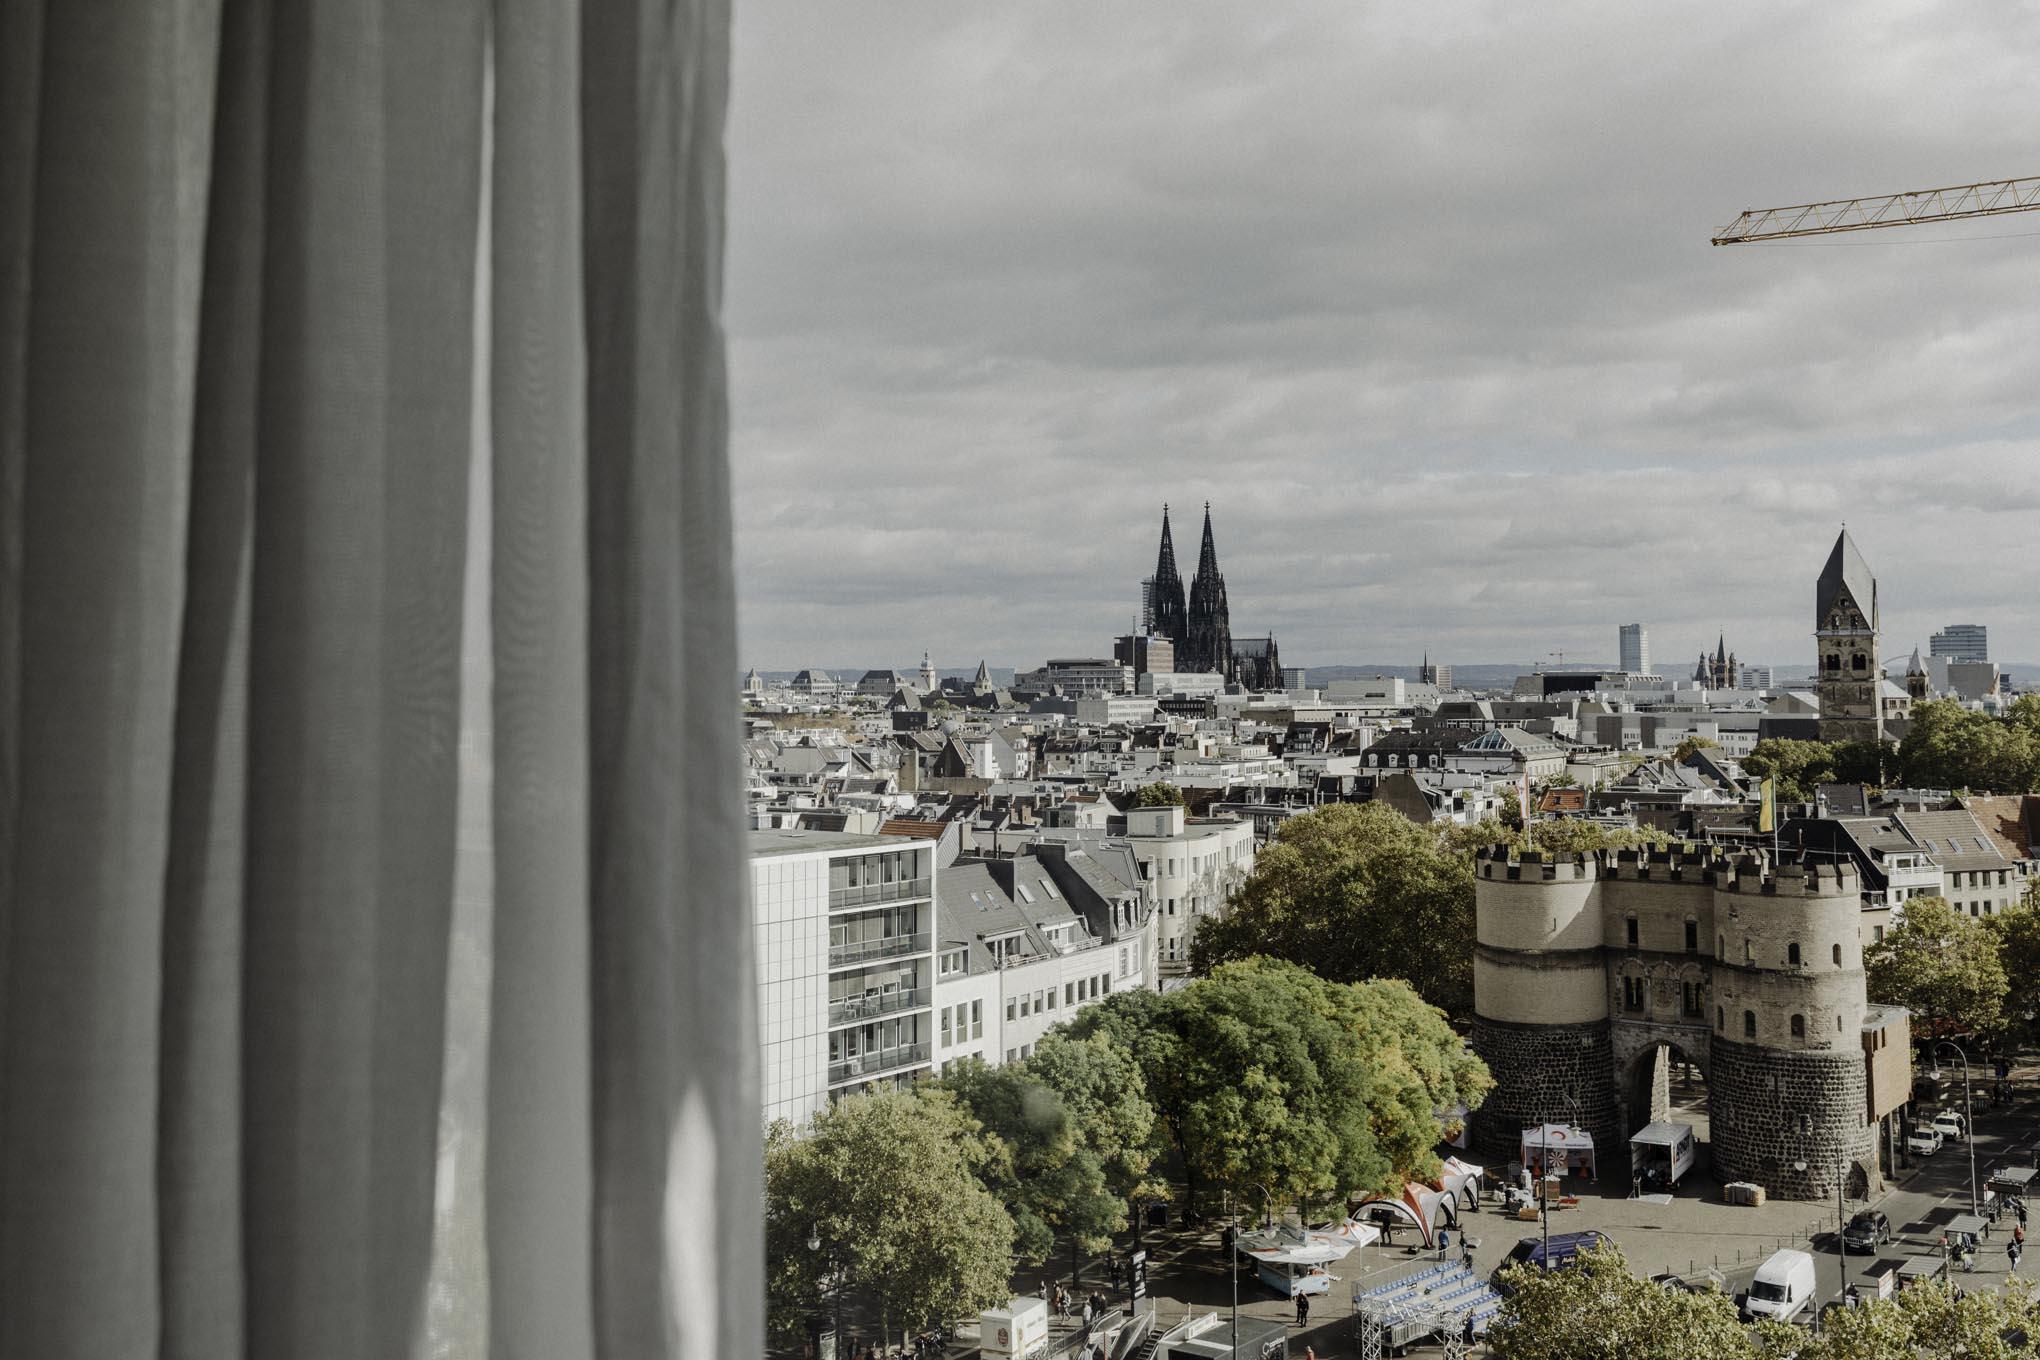 Aussicht auf den Kölner Dom vom Steigenberger Hotel